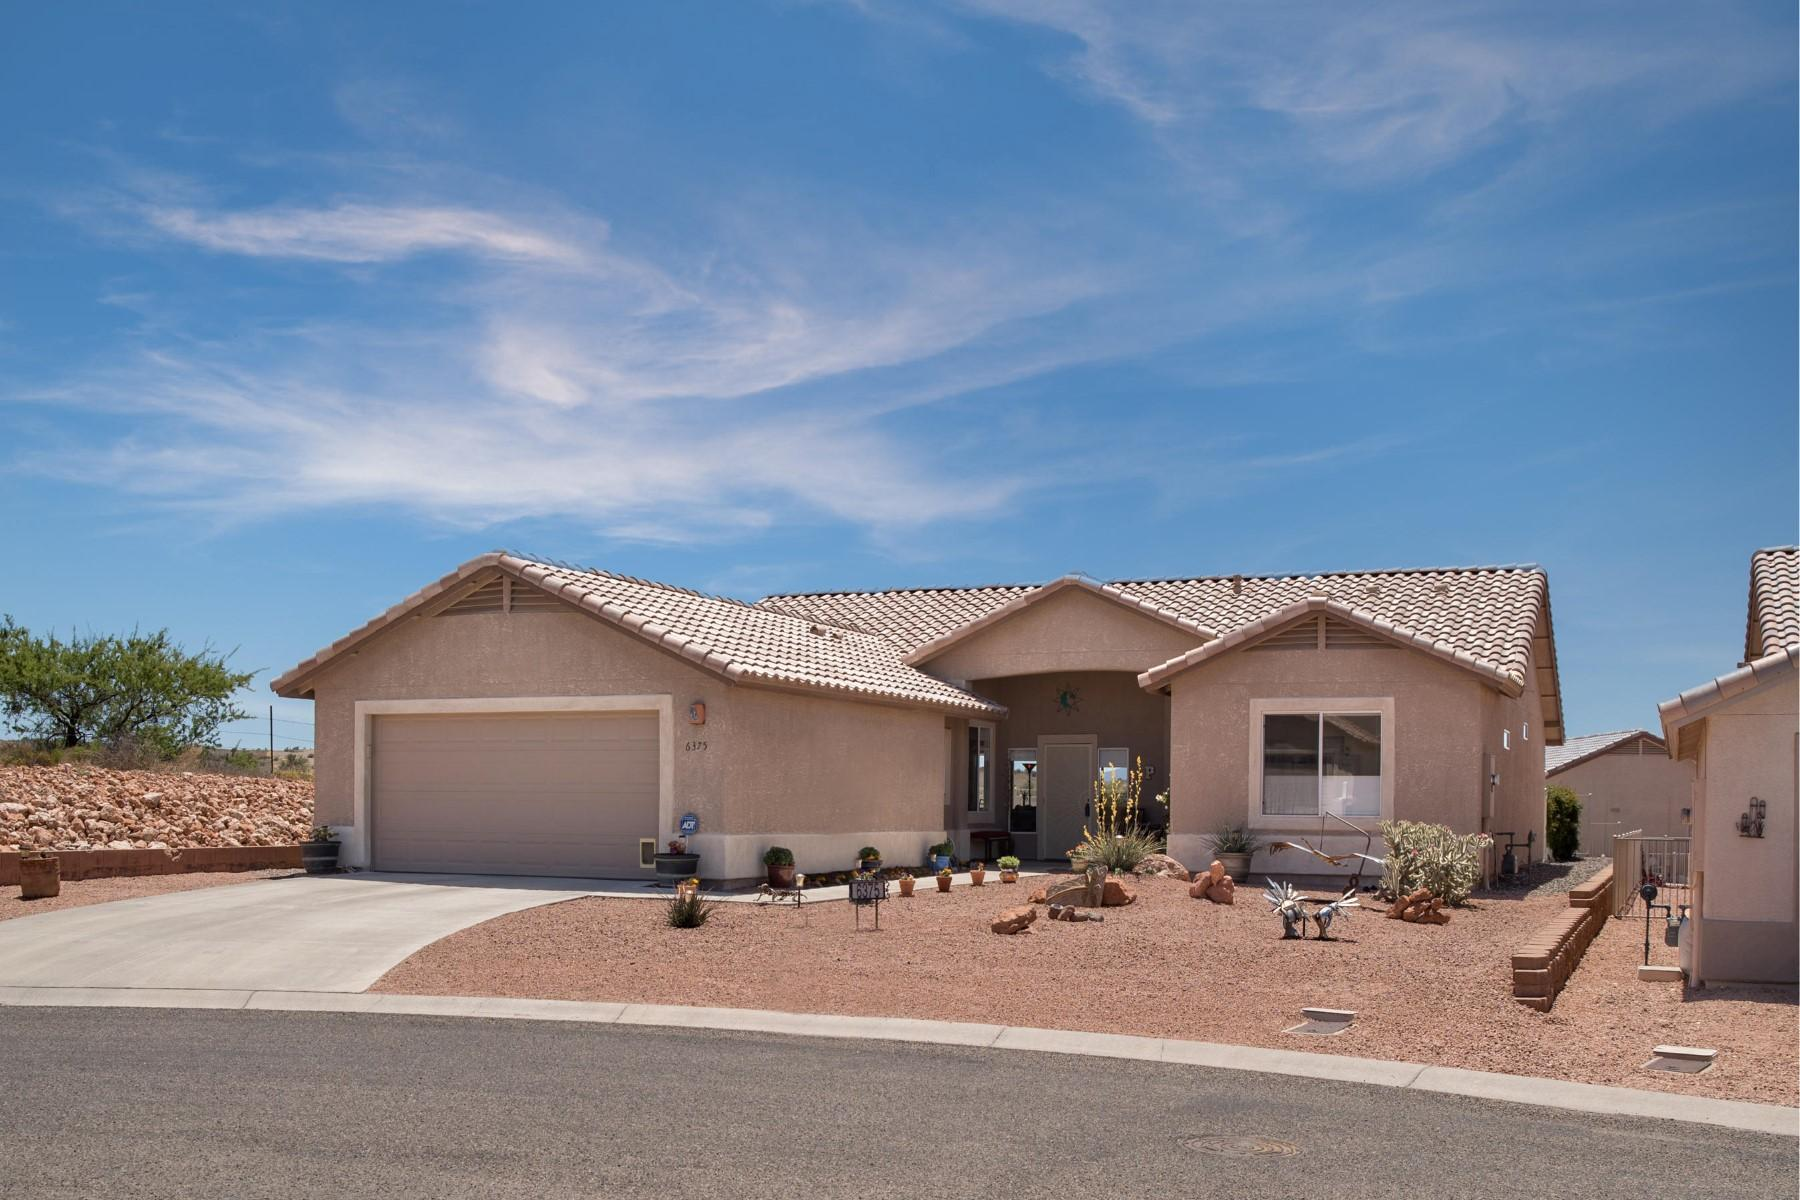 6375 E Starry Night Ct, Cornville, AZ 86325 | Trulia